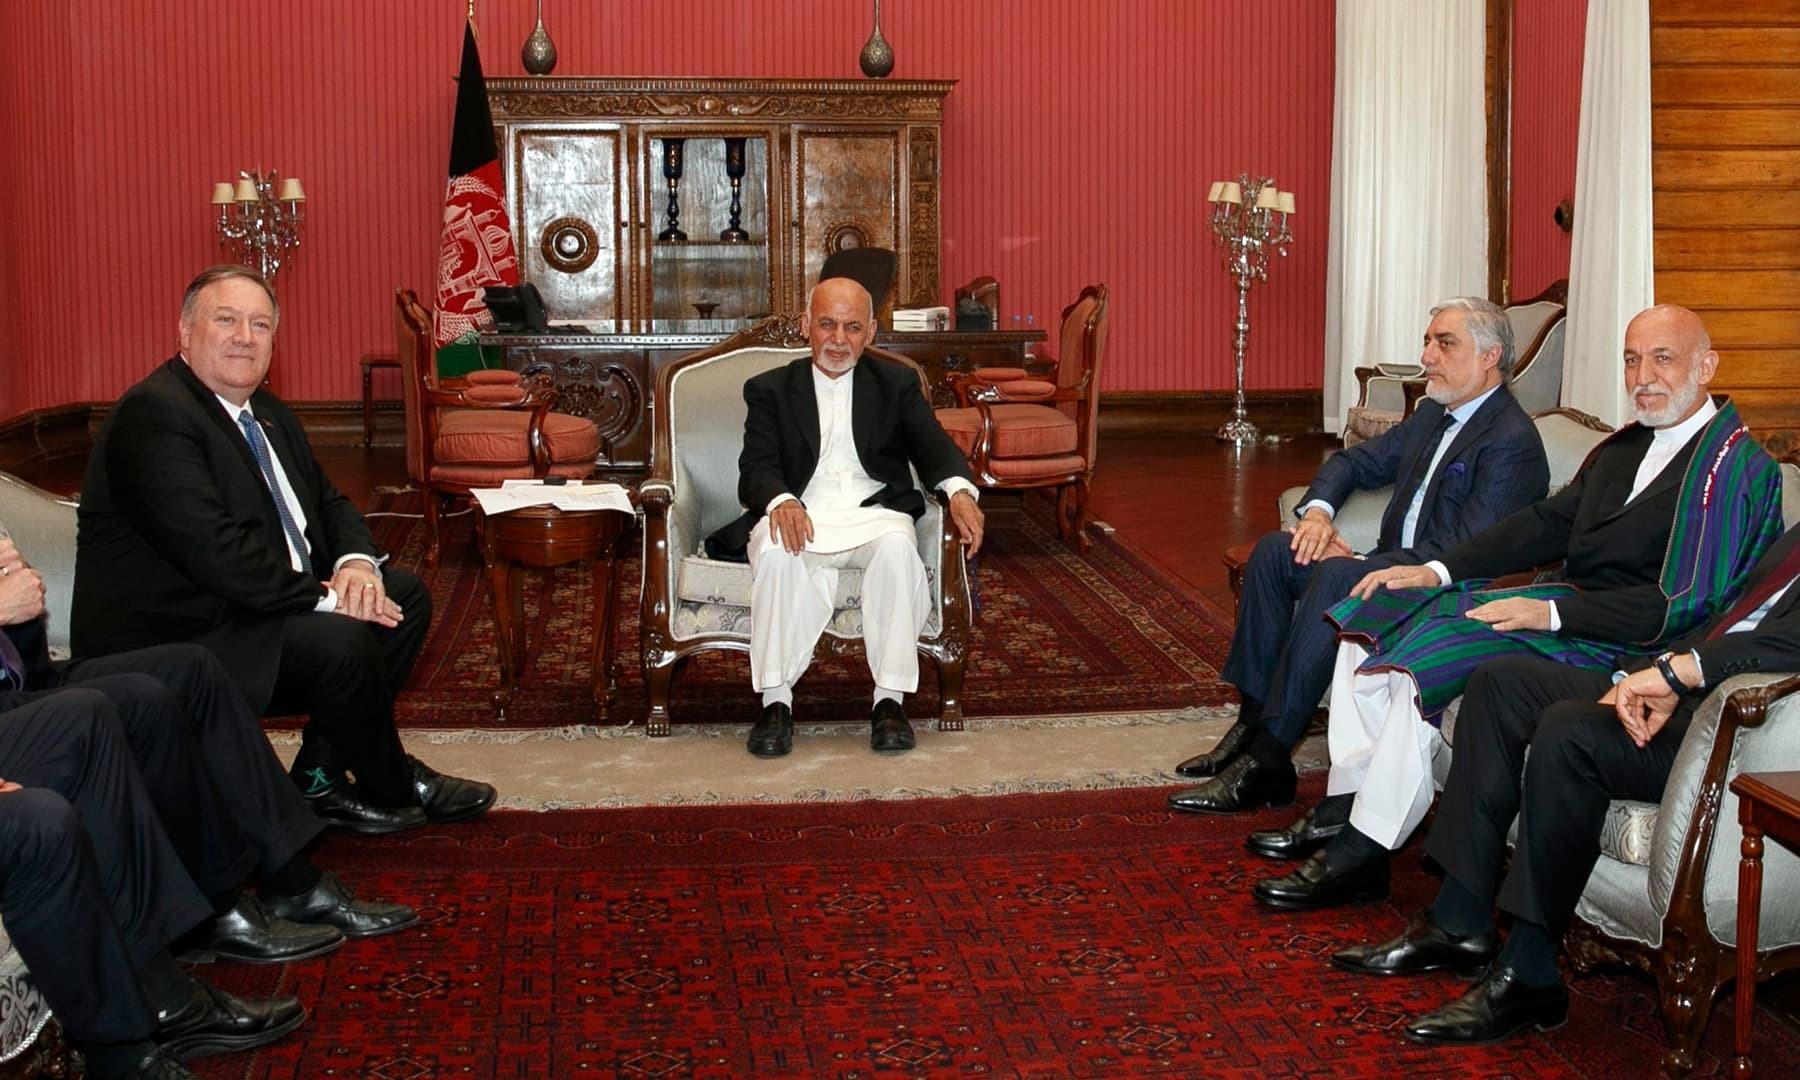 افغان امن مذاکرات کے اگلے مرحلے کا آغاز 29 جون سے دوحا میں ہوگا — فوٹو: اے پی